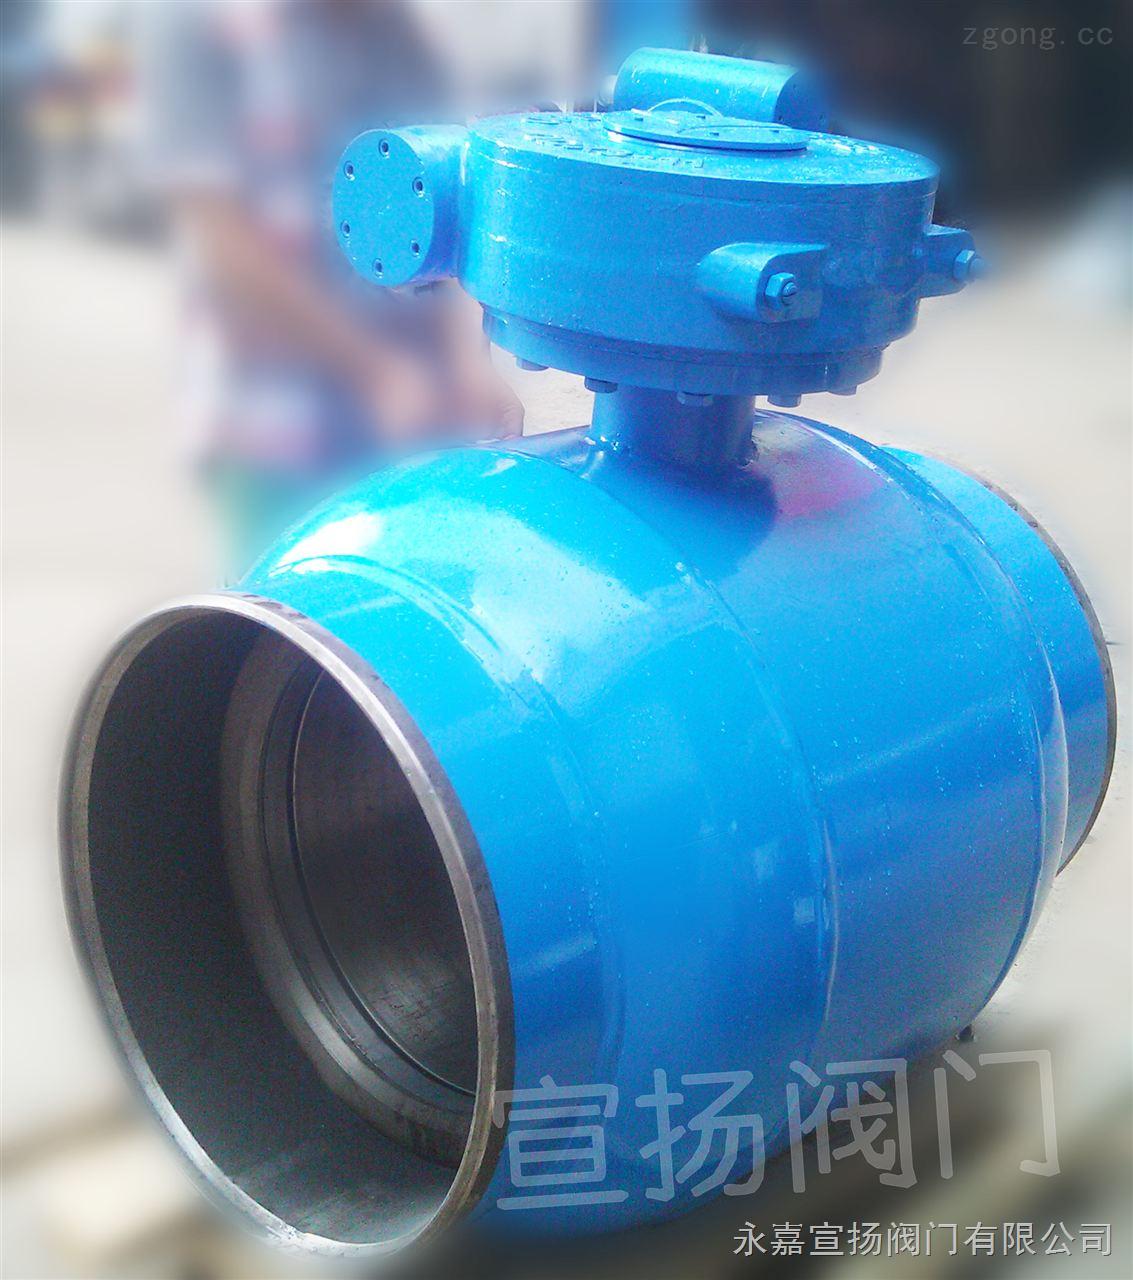 热力全焊接球阀 一体式全焊接球阀 厂家直销 批发图片